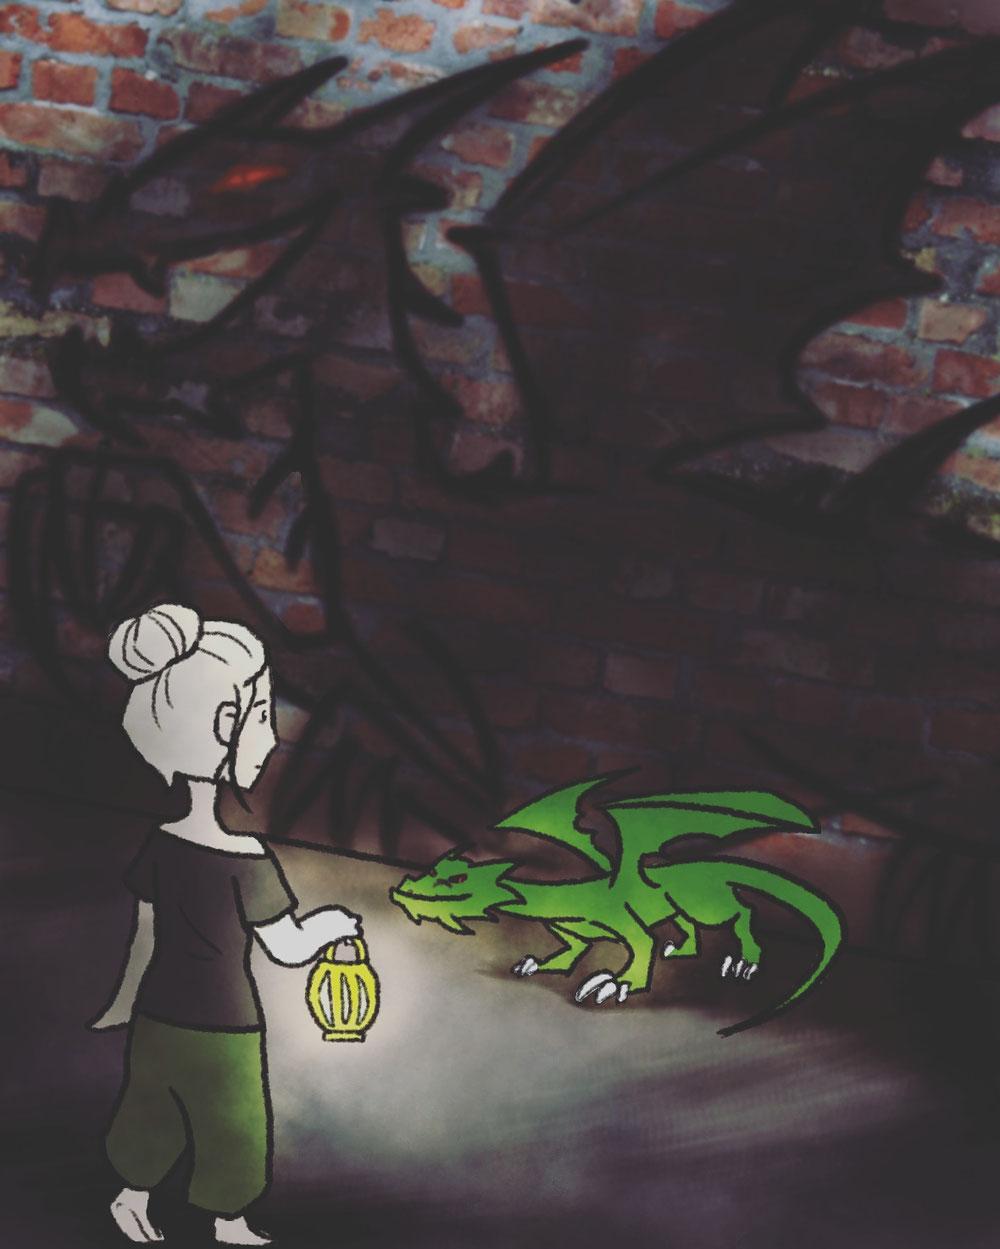 Die wundervolle Katha hat mich und meinen Drachen illustriert ♥